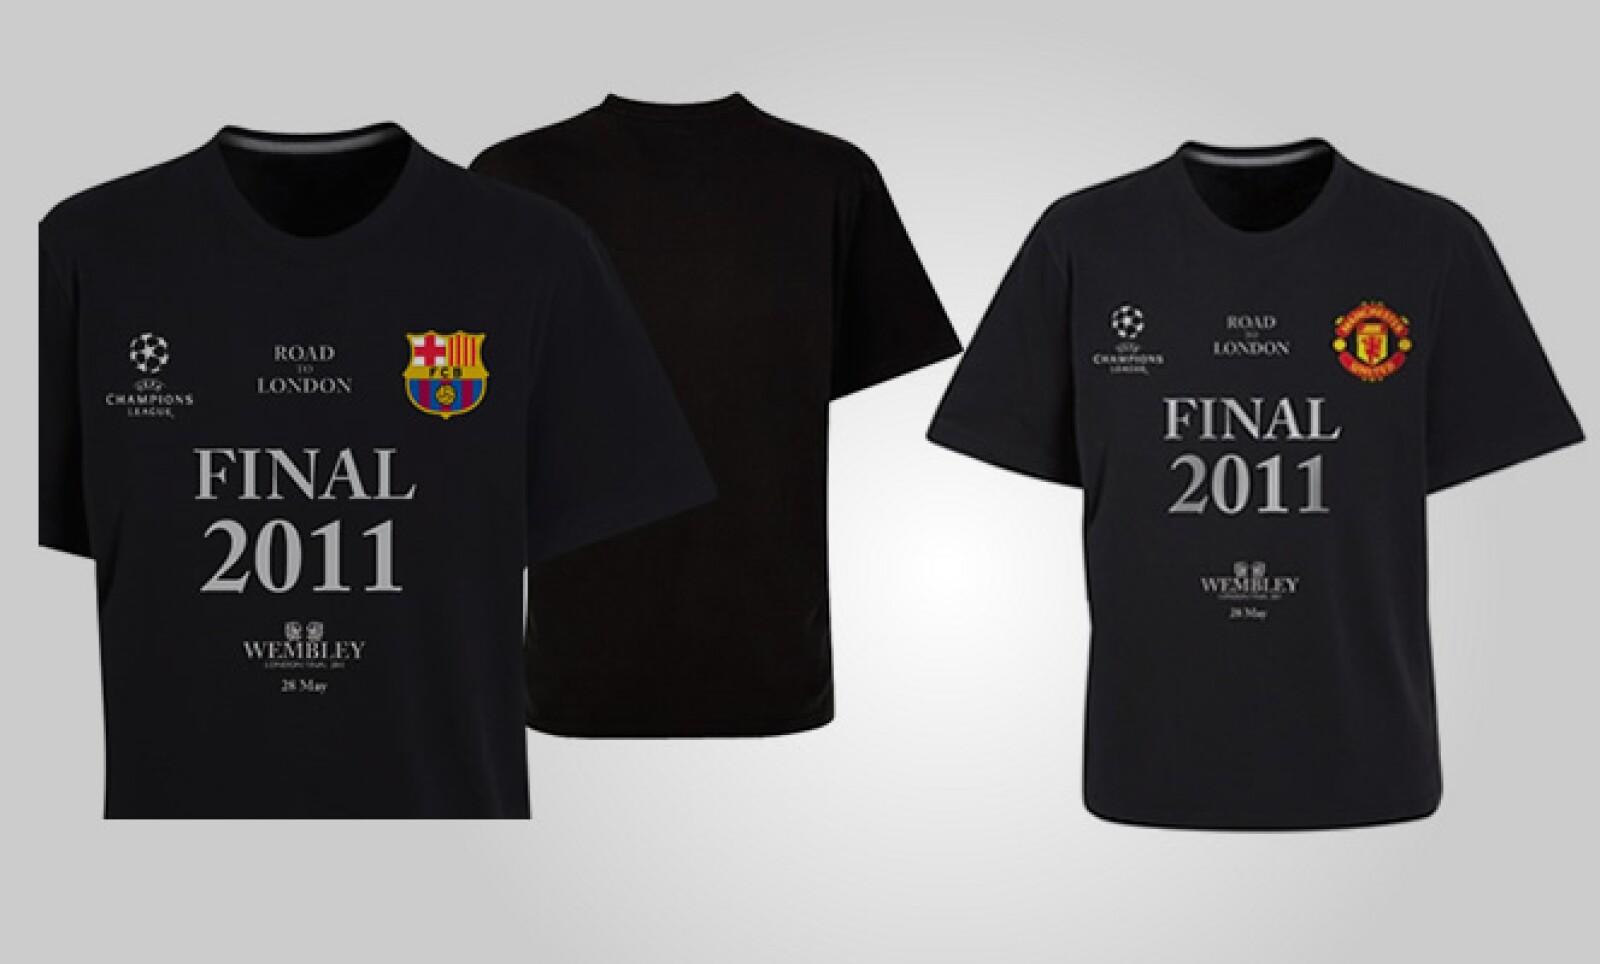 Las camisetas oficiales de la final de la Champions League tienen un costo de 14.99 libras, poco más de 287 pesos más envío.